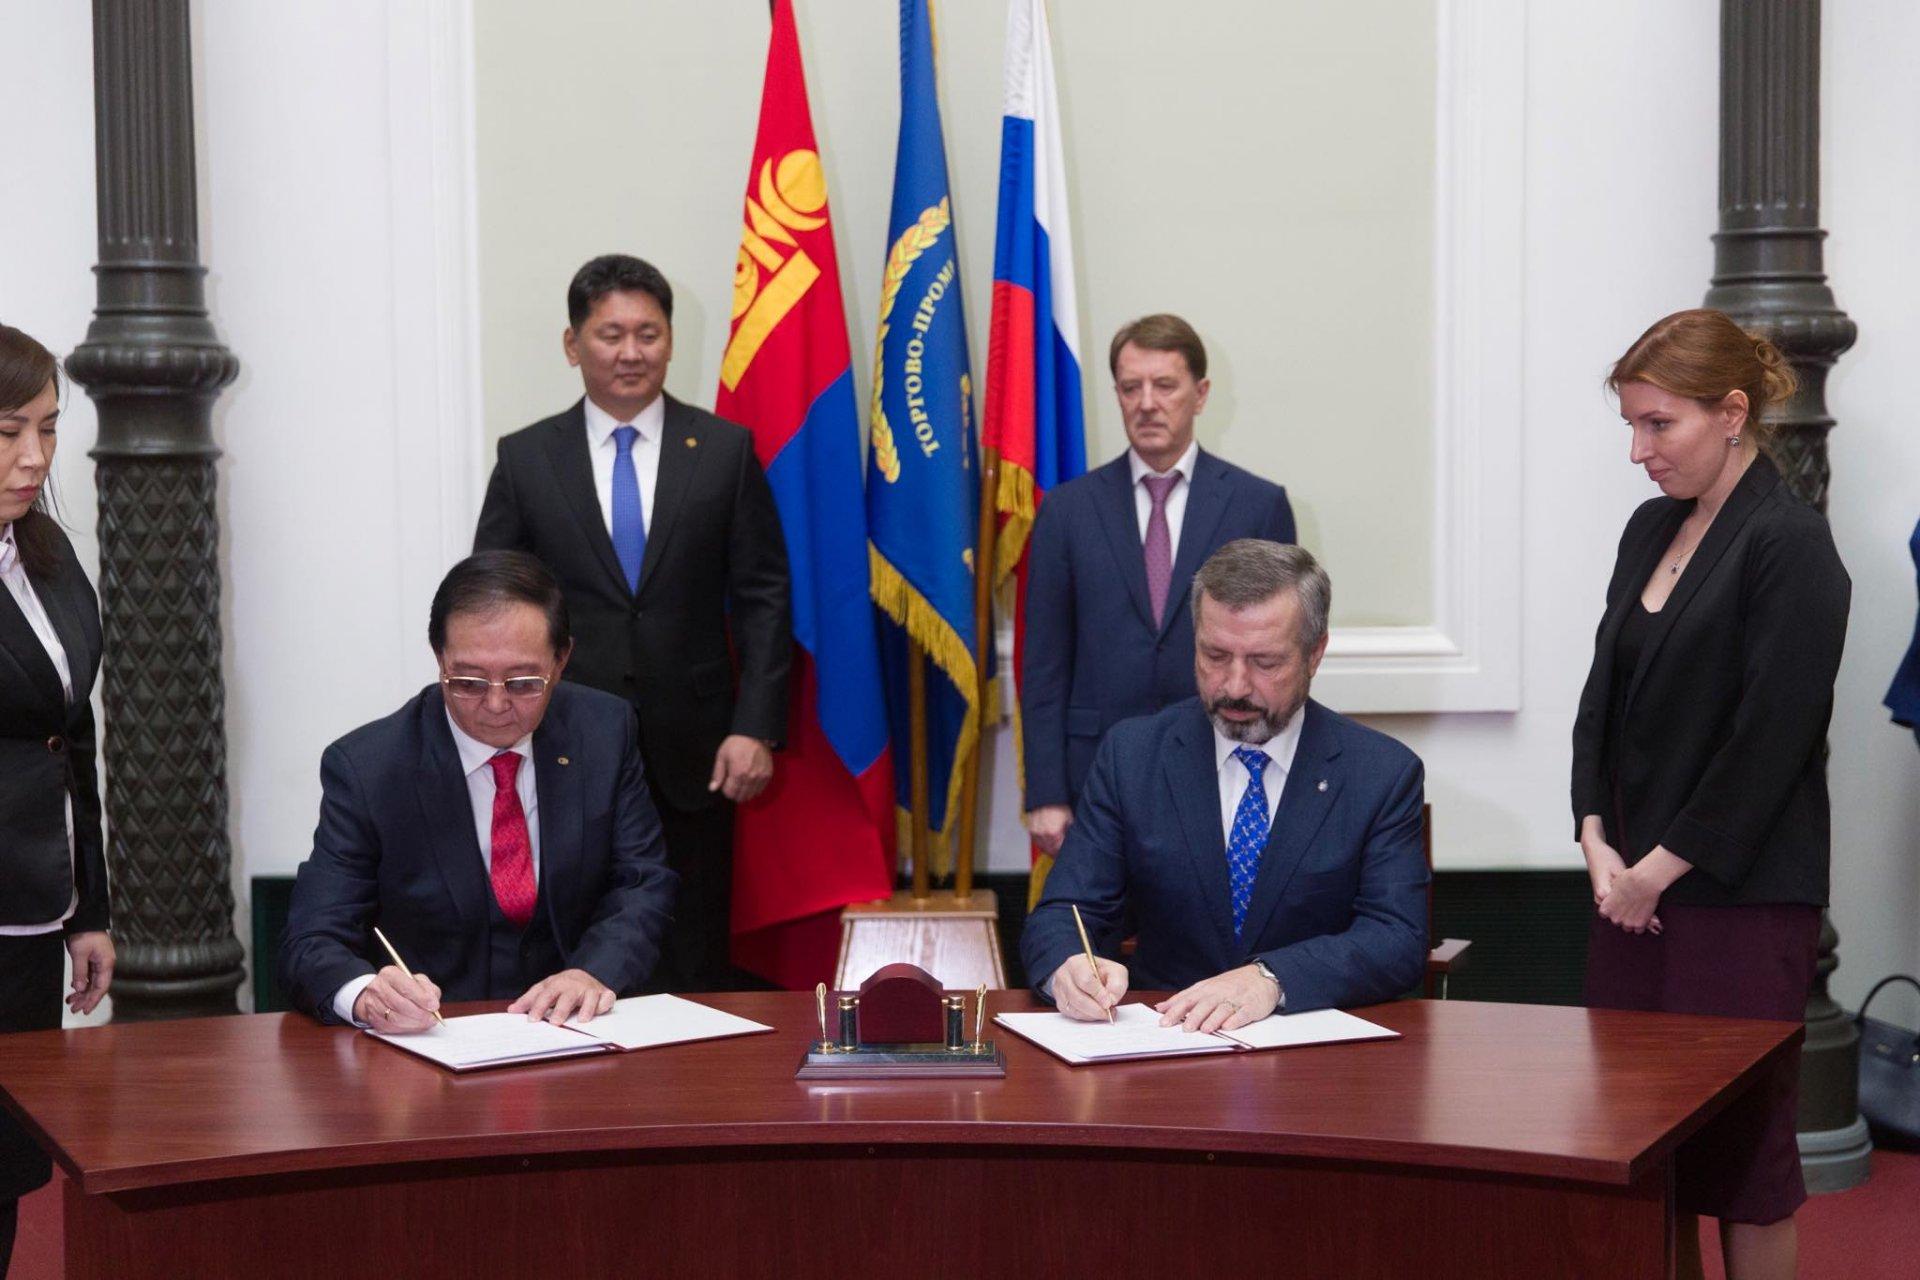 Монгол Улс, ОХУ-ын аж ахуйн нэгжүүд хамтын ажиллагааны баримт бичигт гарын үсэг зурав